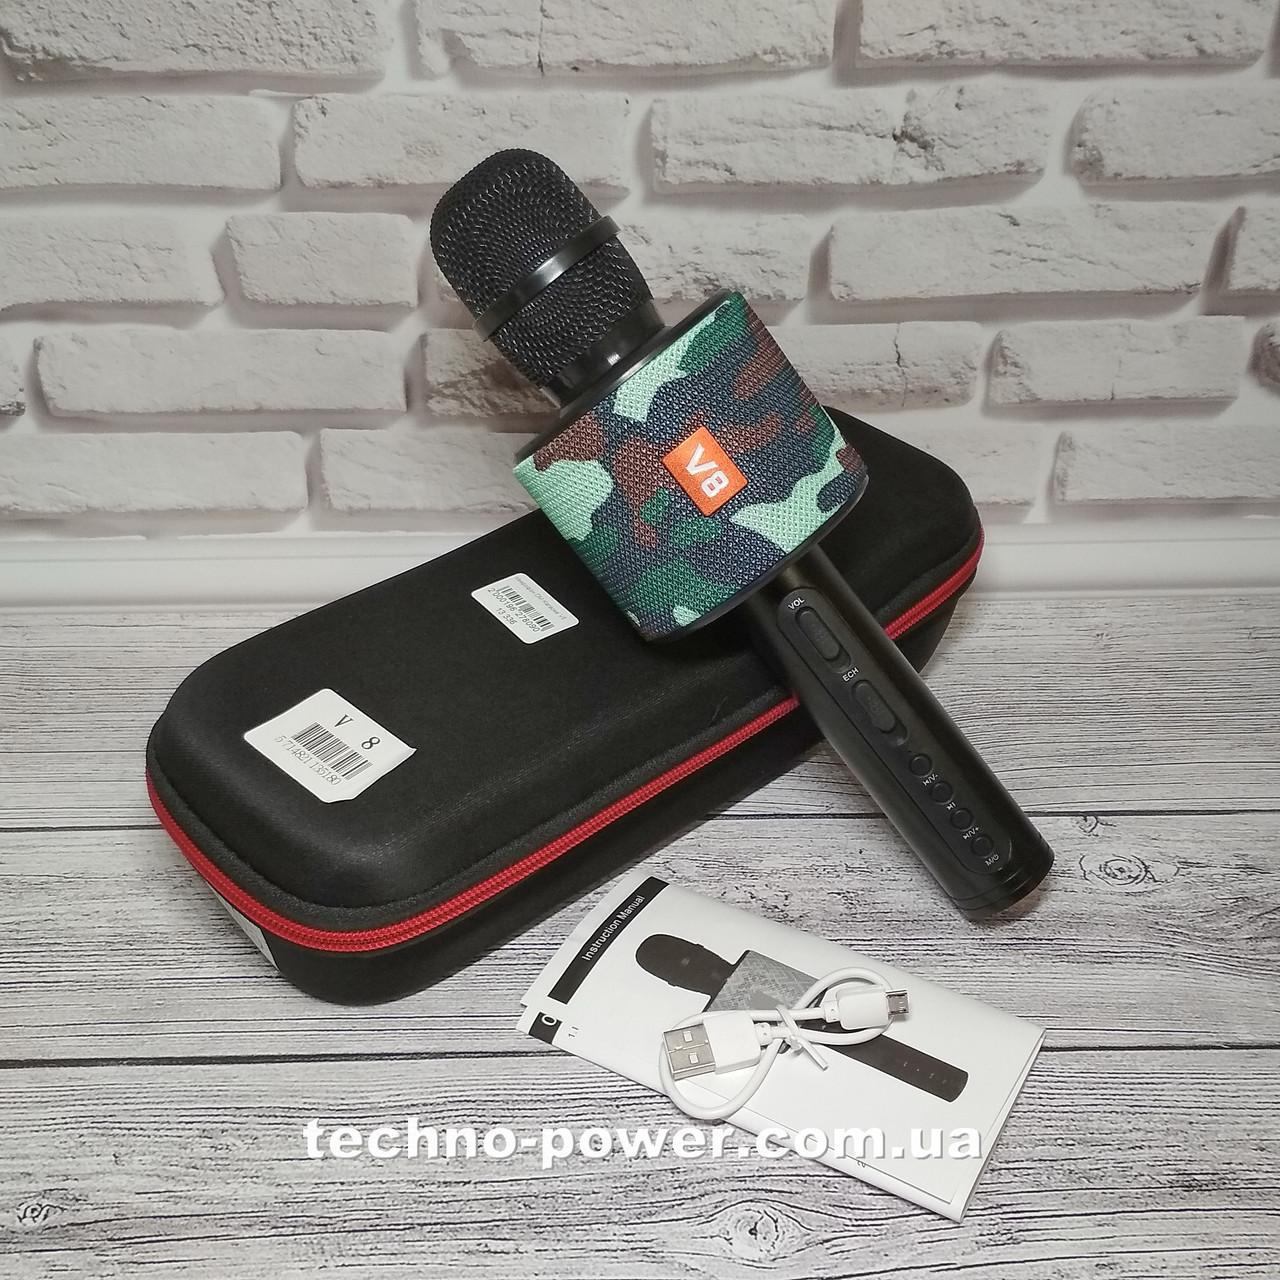 Портативный караоке микрофон Charger V8 Black с чехлом